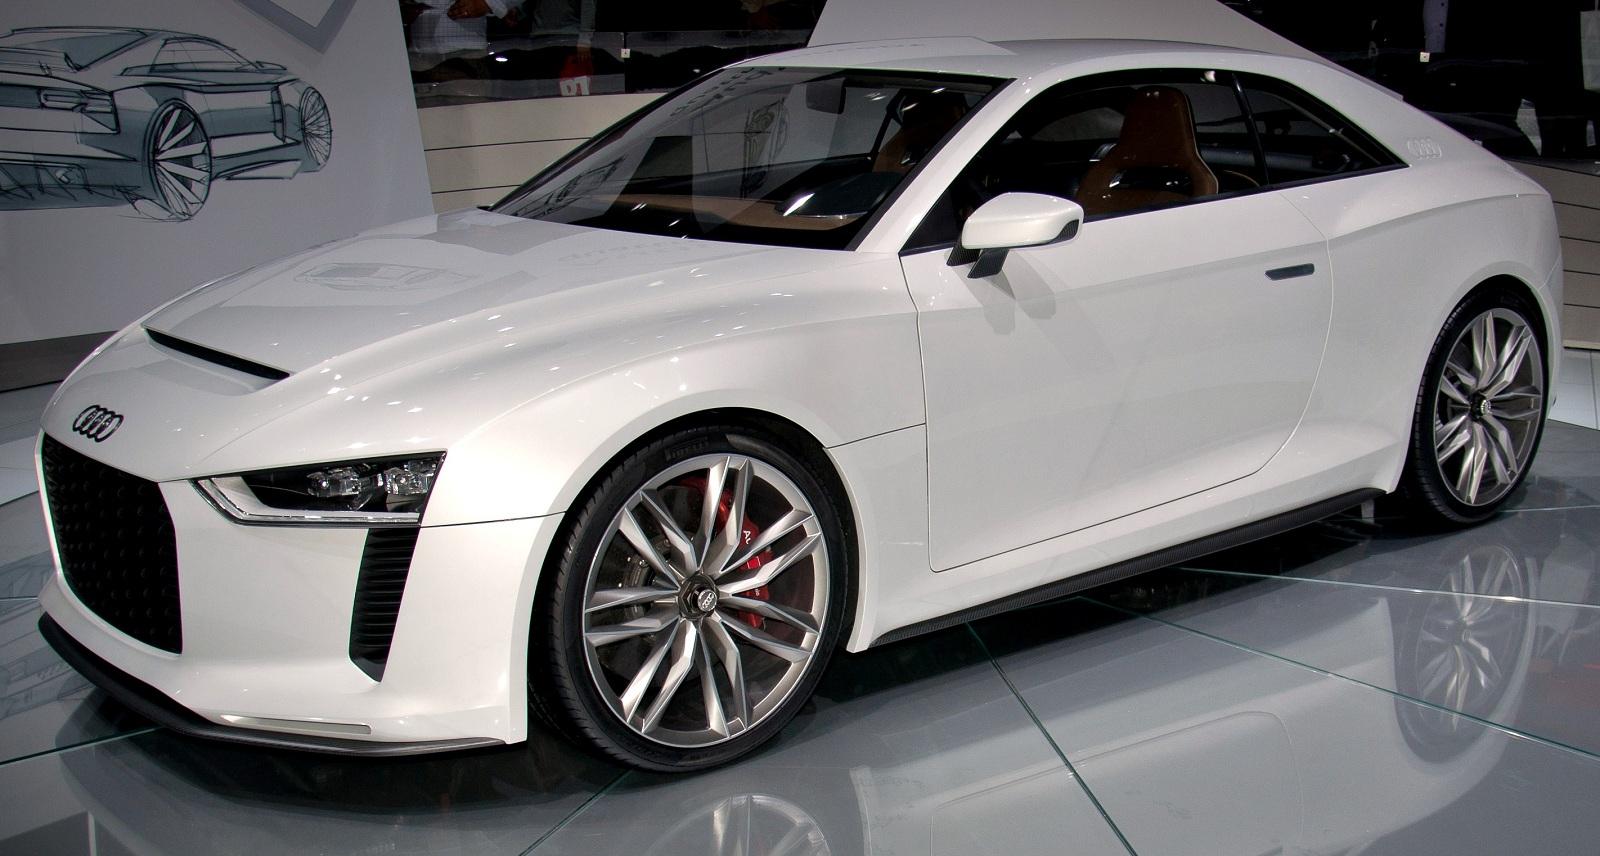 Audi построит среднемоторный спорткар на базе Porsche